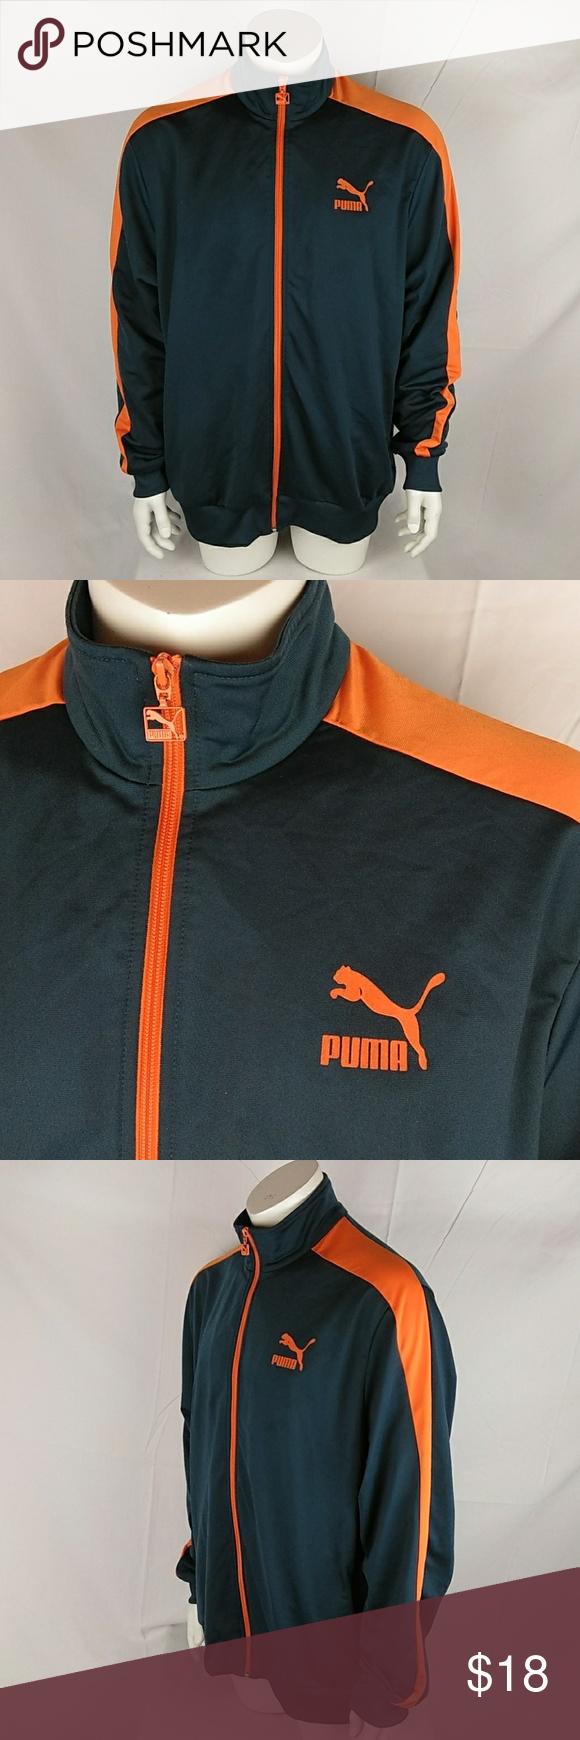 Puma T7 Track Jacket Fleece Full Zip Xxl Jackets Track Jackets Puma Jackets [ 1740 x 580 Pixel ]